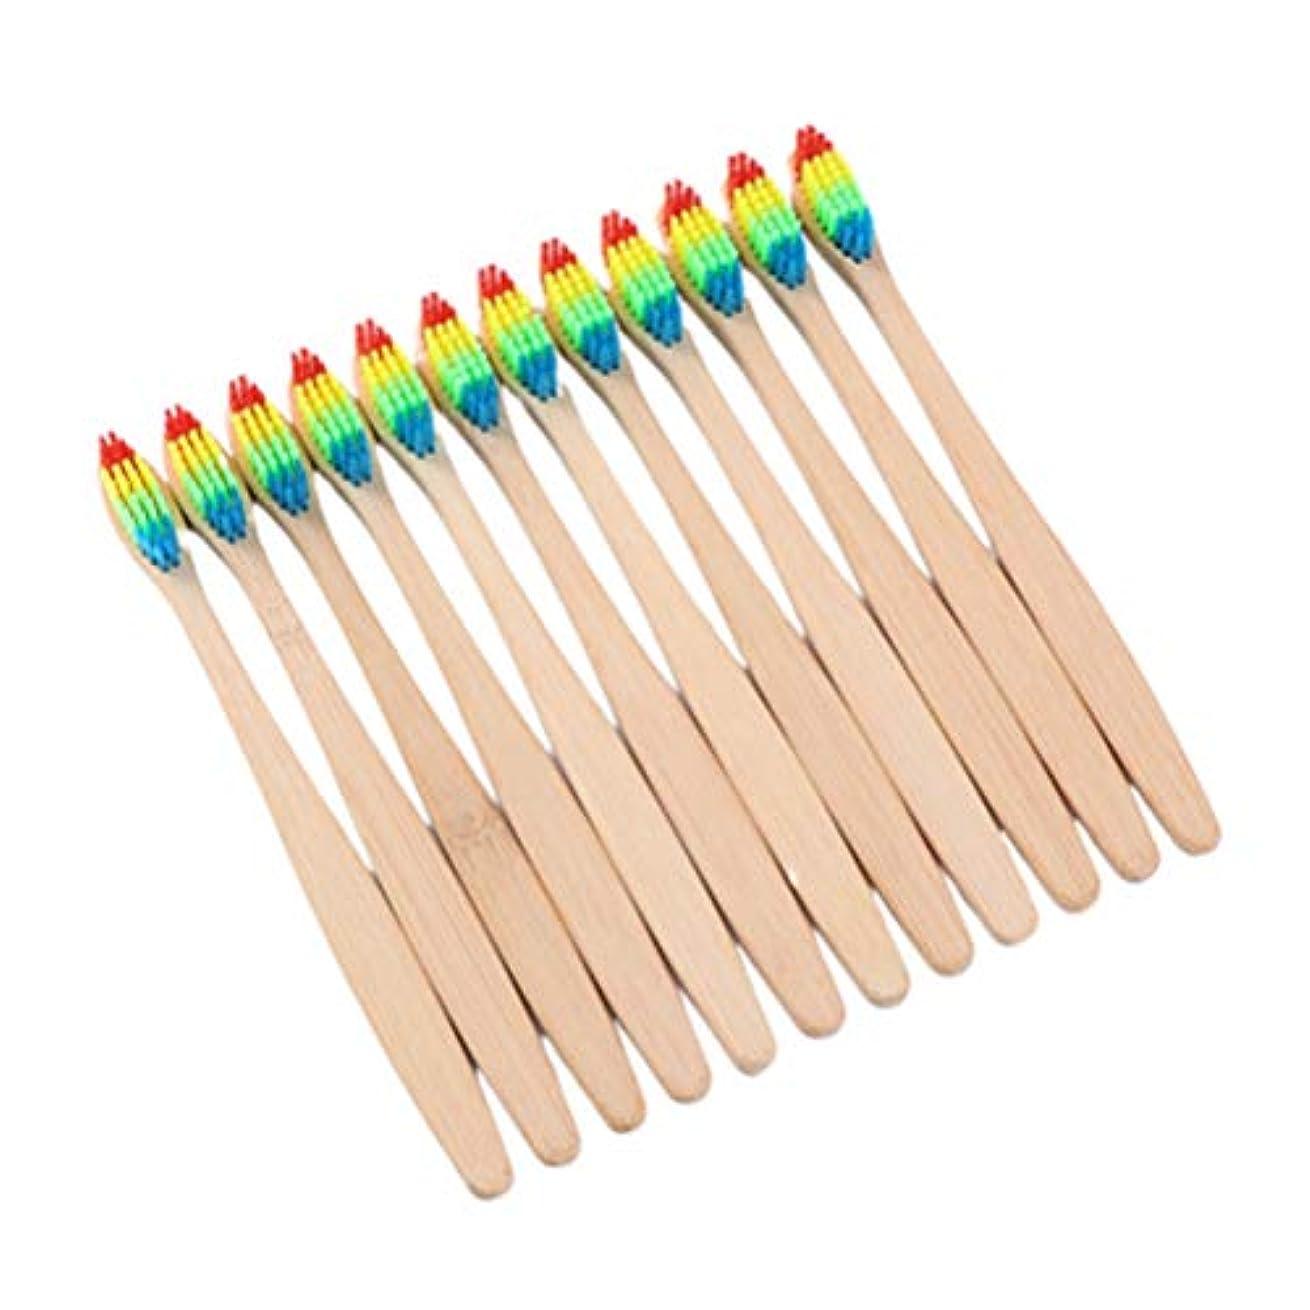 パラナ川セットアップロードブロッキングTOPBATHY 10本 歯ブラシ 竹 極細 天然 ふつう やわらかめ 木製 環境にやさしい 大人 子供 兼用 旅行 トラベル 出張 携帯 虹色